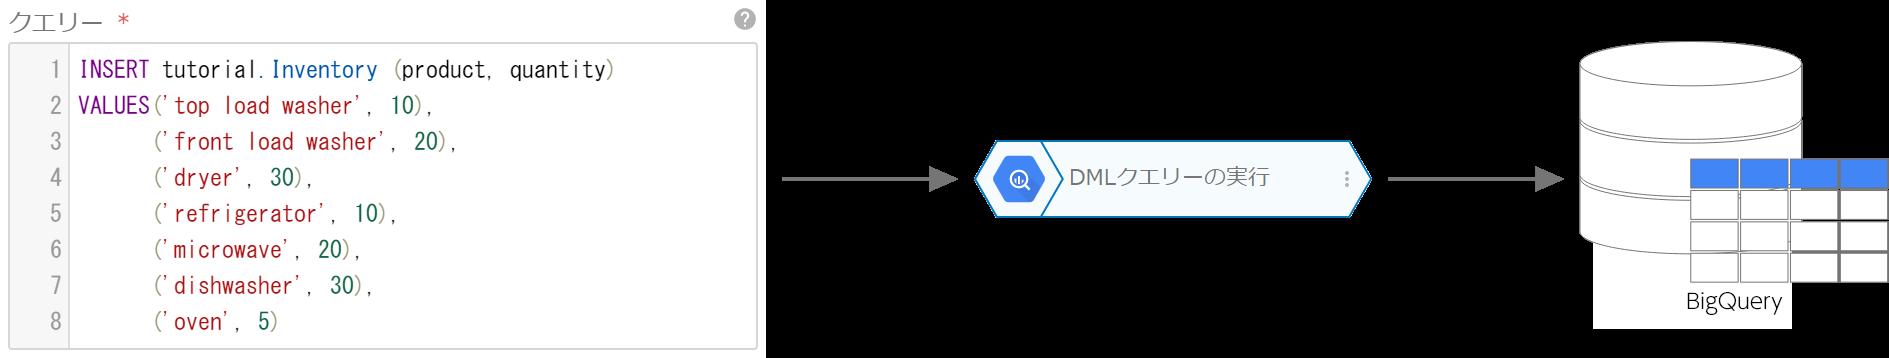 DML クエリーの実行ブロックの概念図